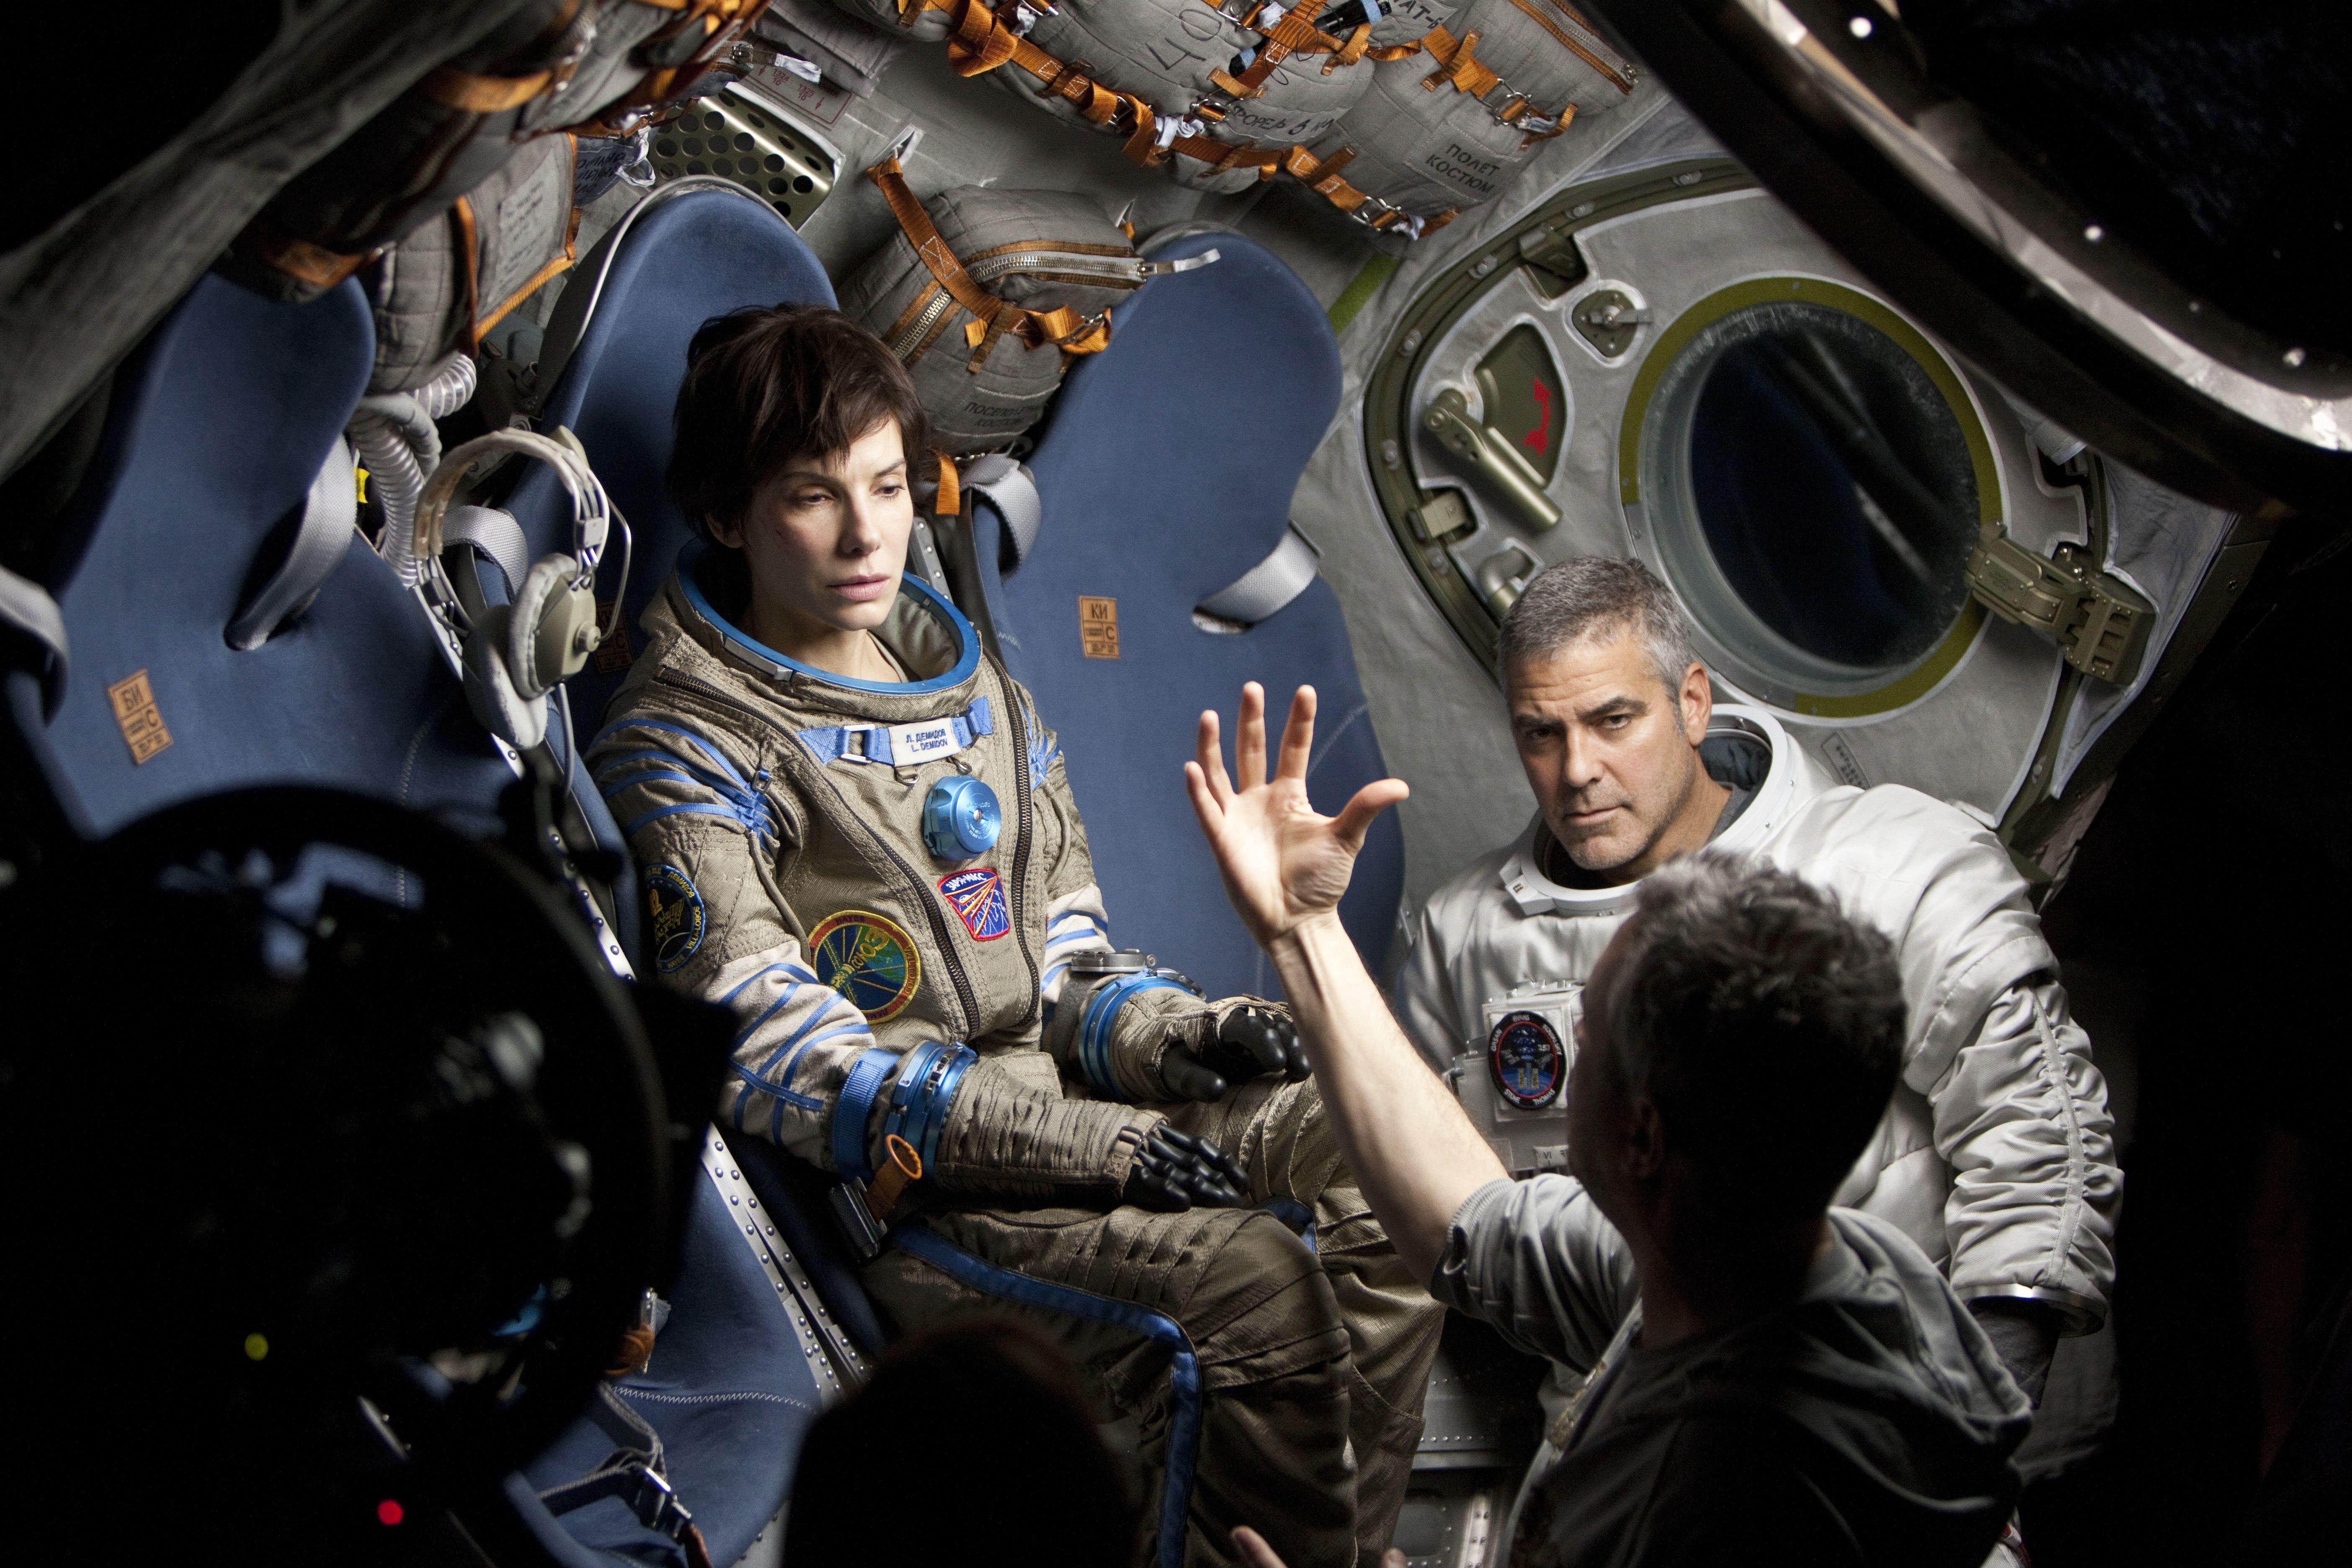 #AlfonsoCuaron dirigiendo a #SandraBullock y #GeorgeClooney durante el rodaje de #Gravity